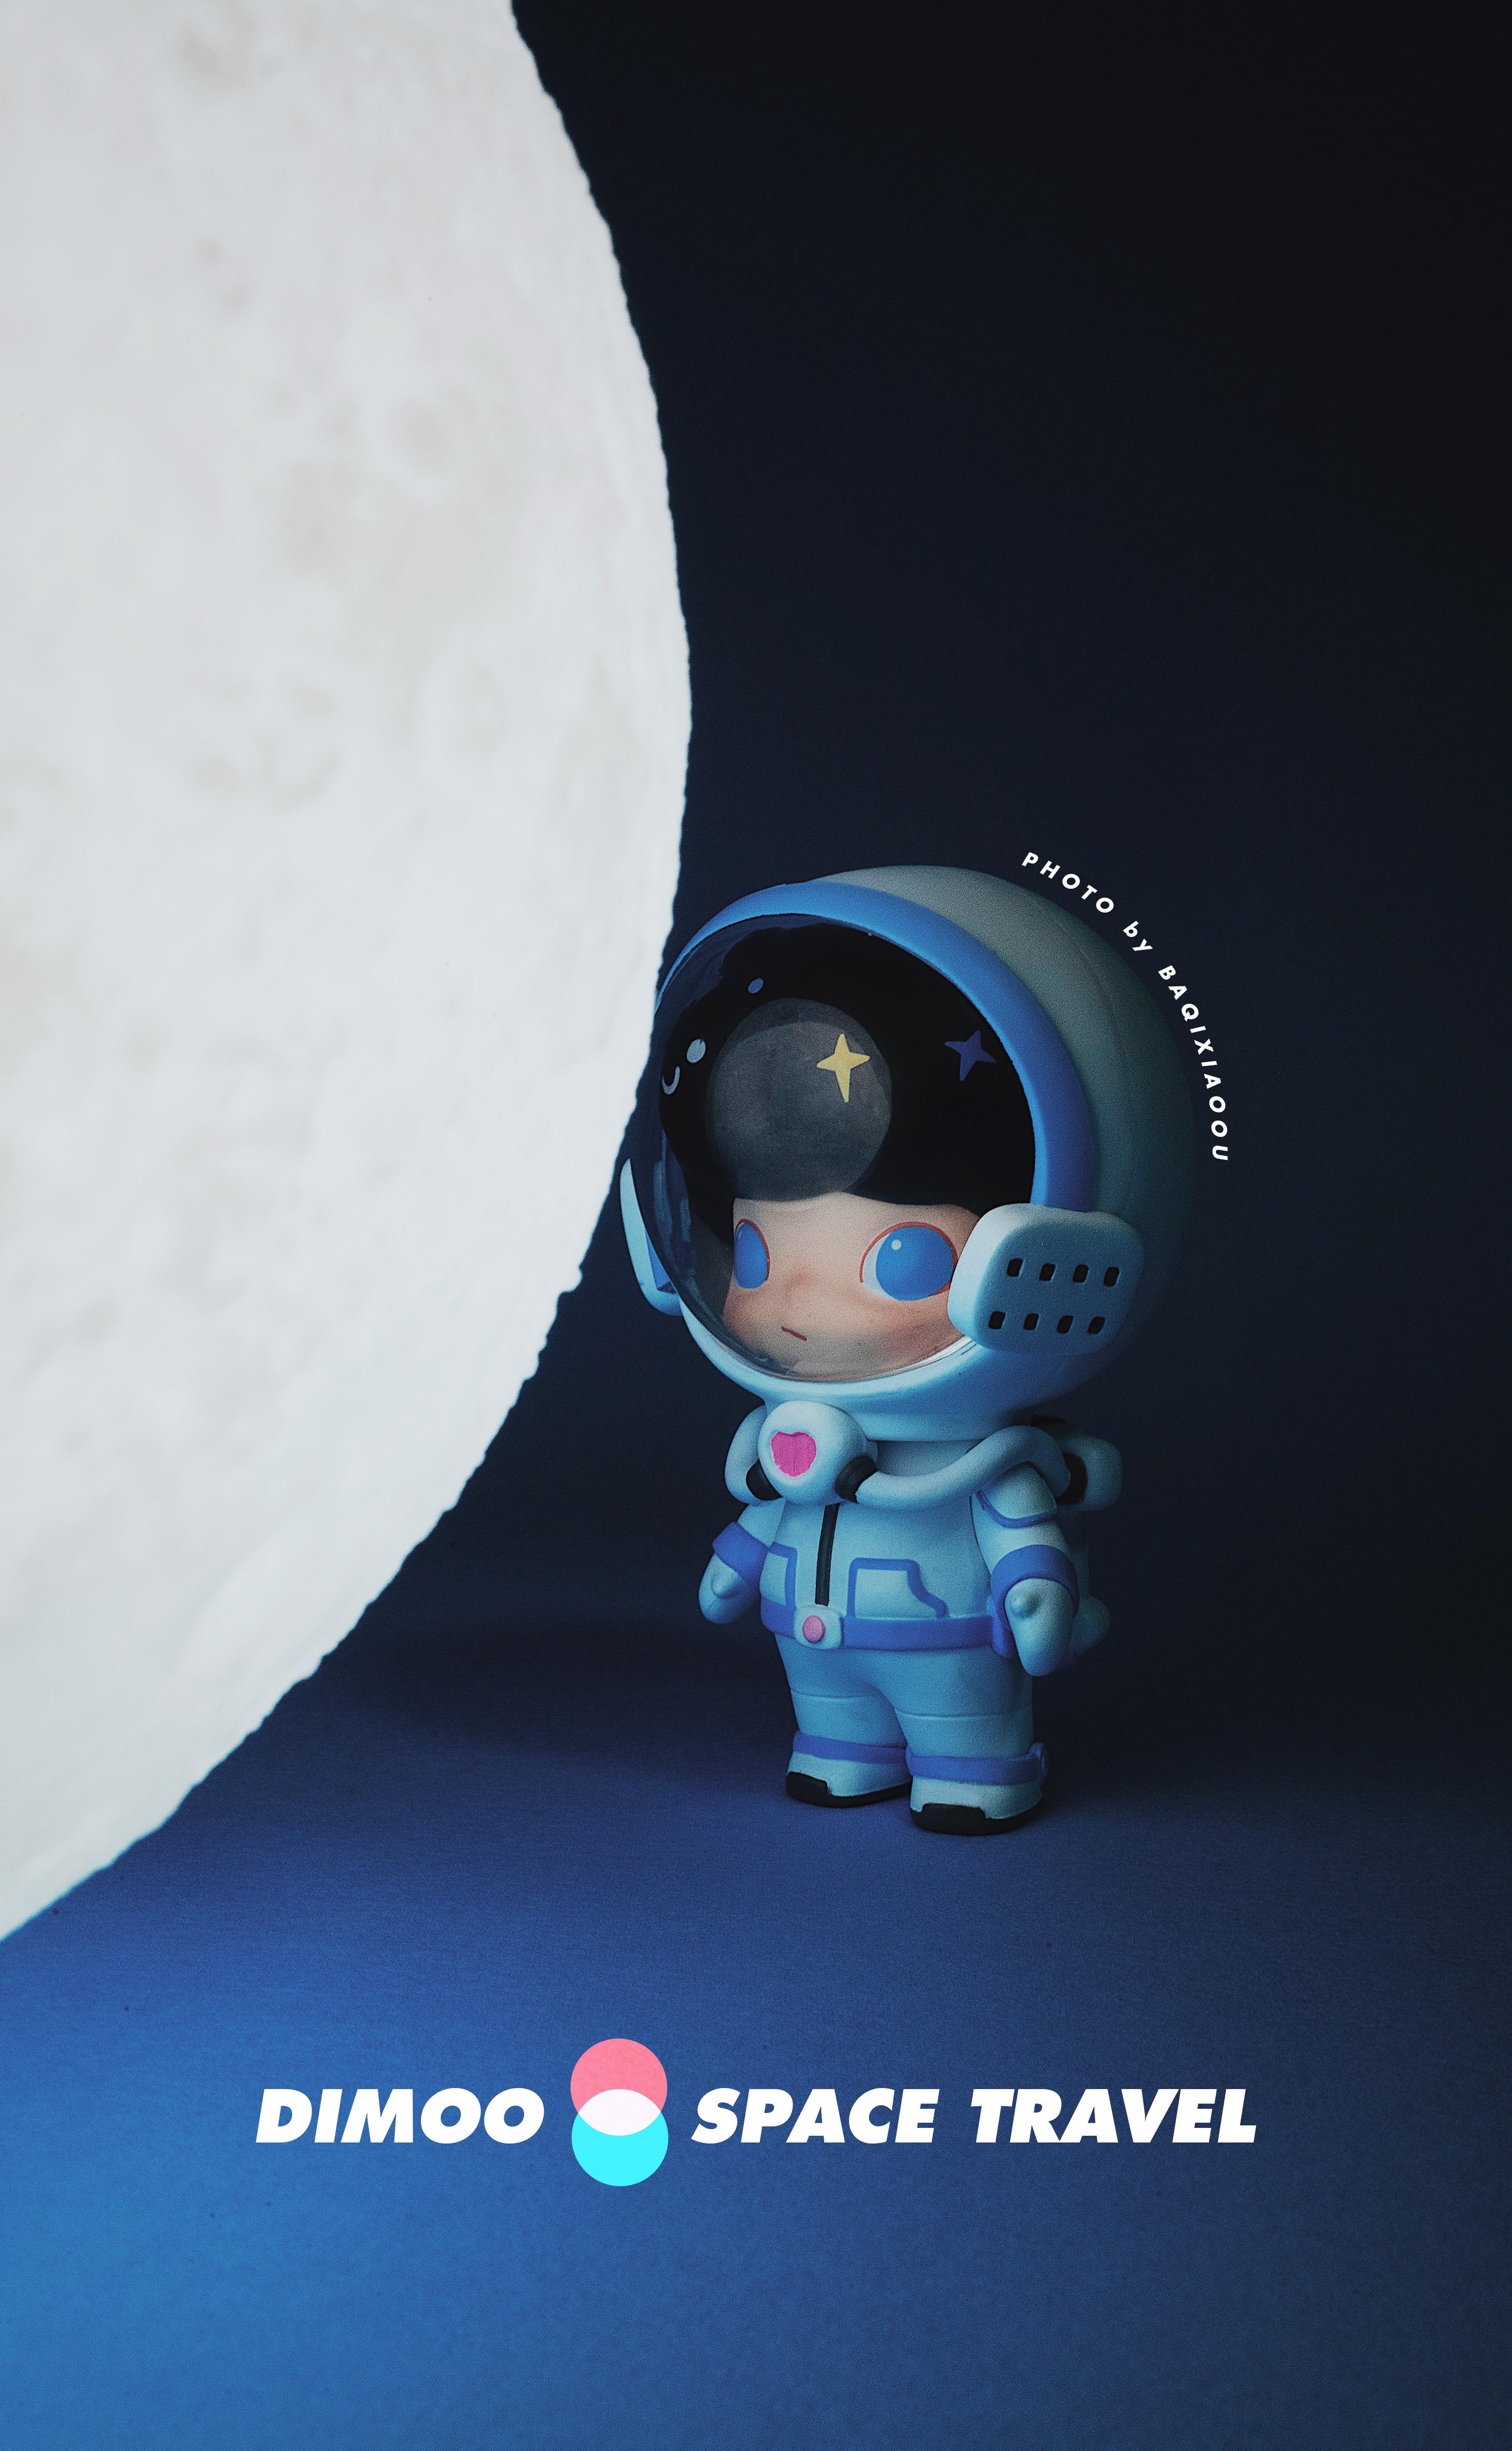 纸盒人_泡泡玛特Dimoo太空系列壁纸合辑! - 哔哩哔哩